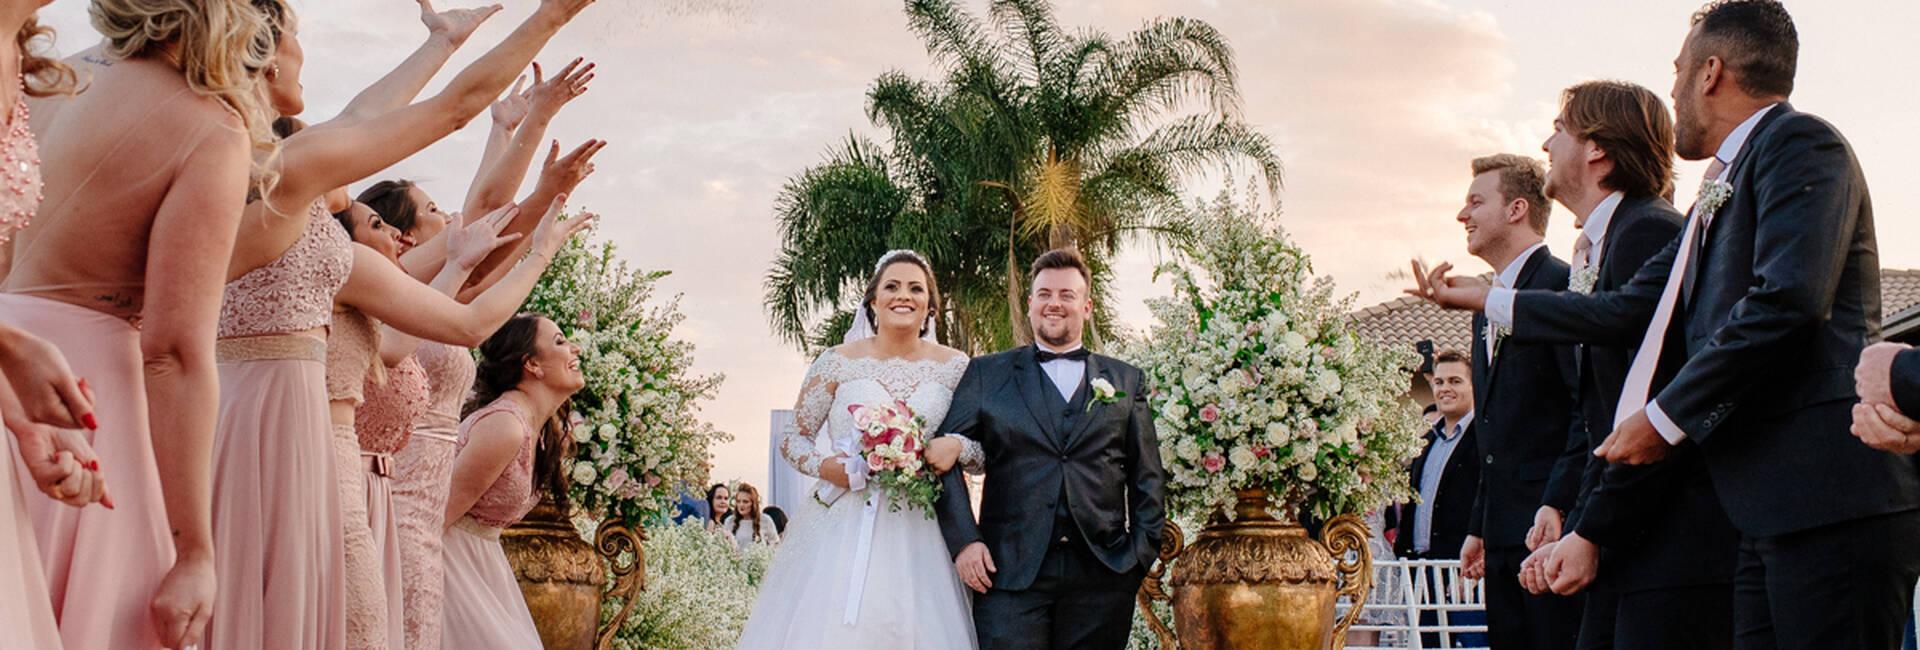 wedding de Suellen & Chris